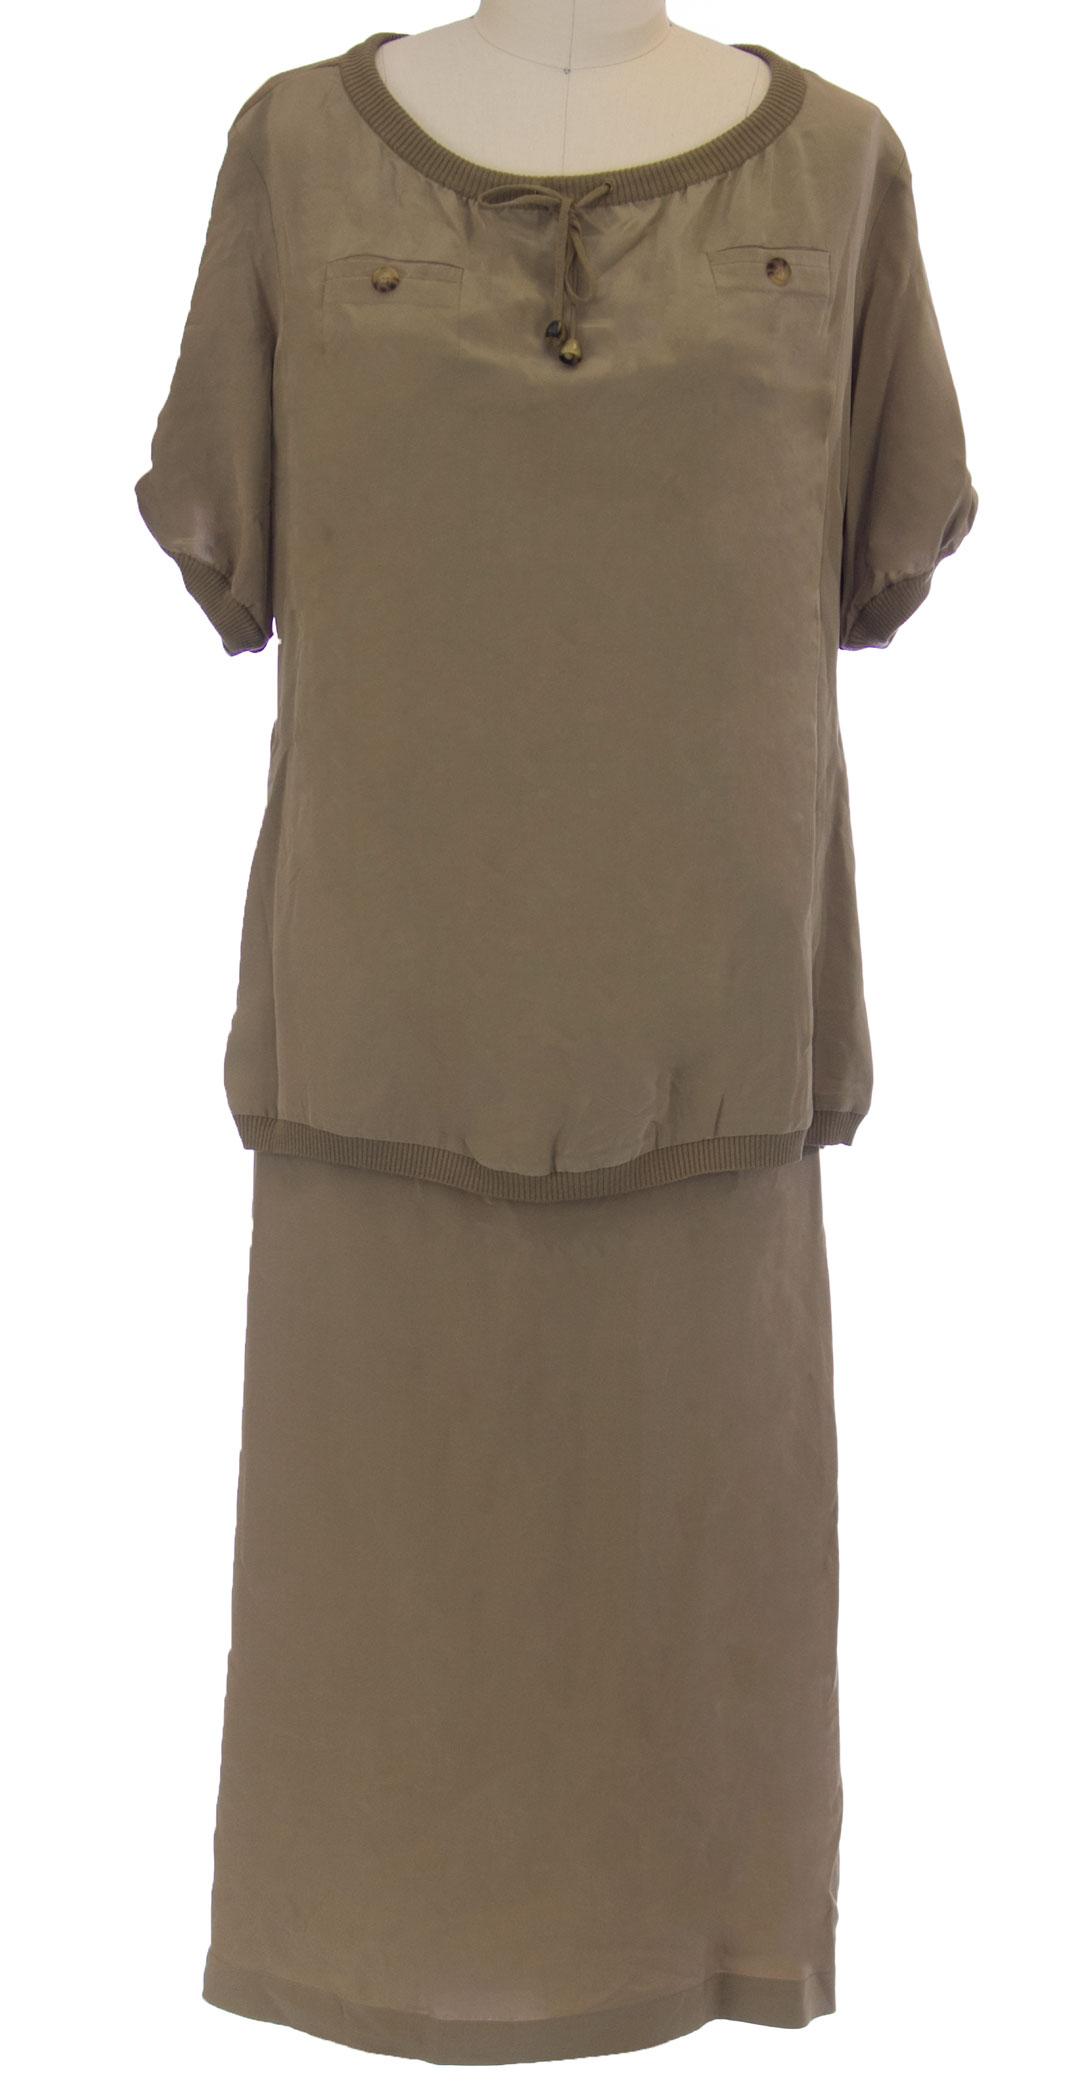 MARINA RINALDI by MaxMara Dicembr Khaki 2-PC Outfit 12W   21